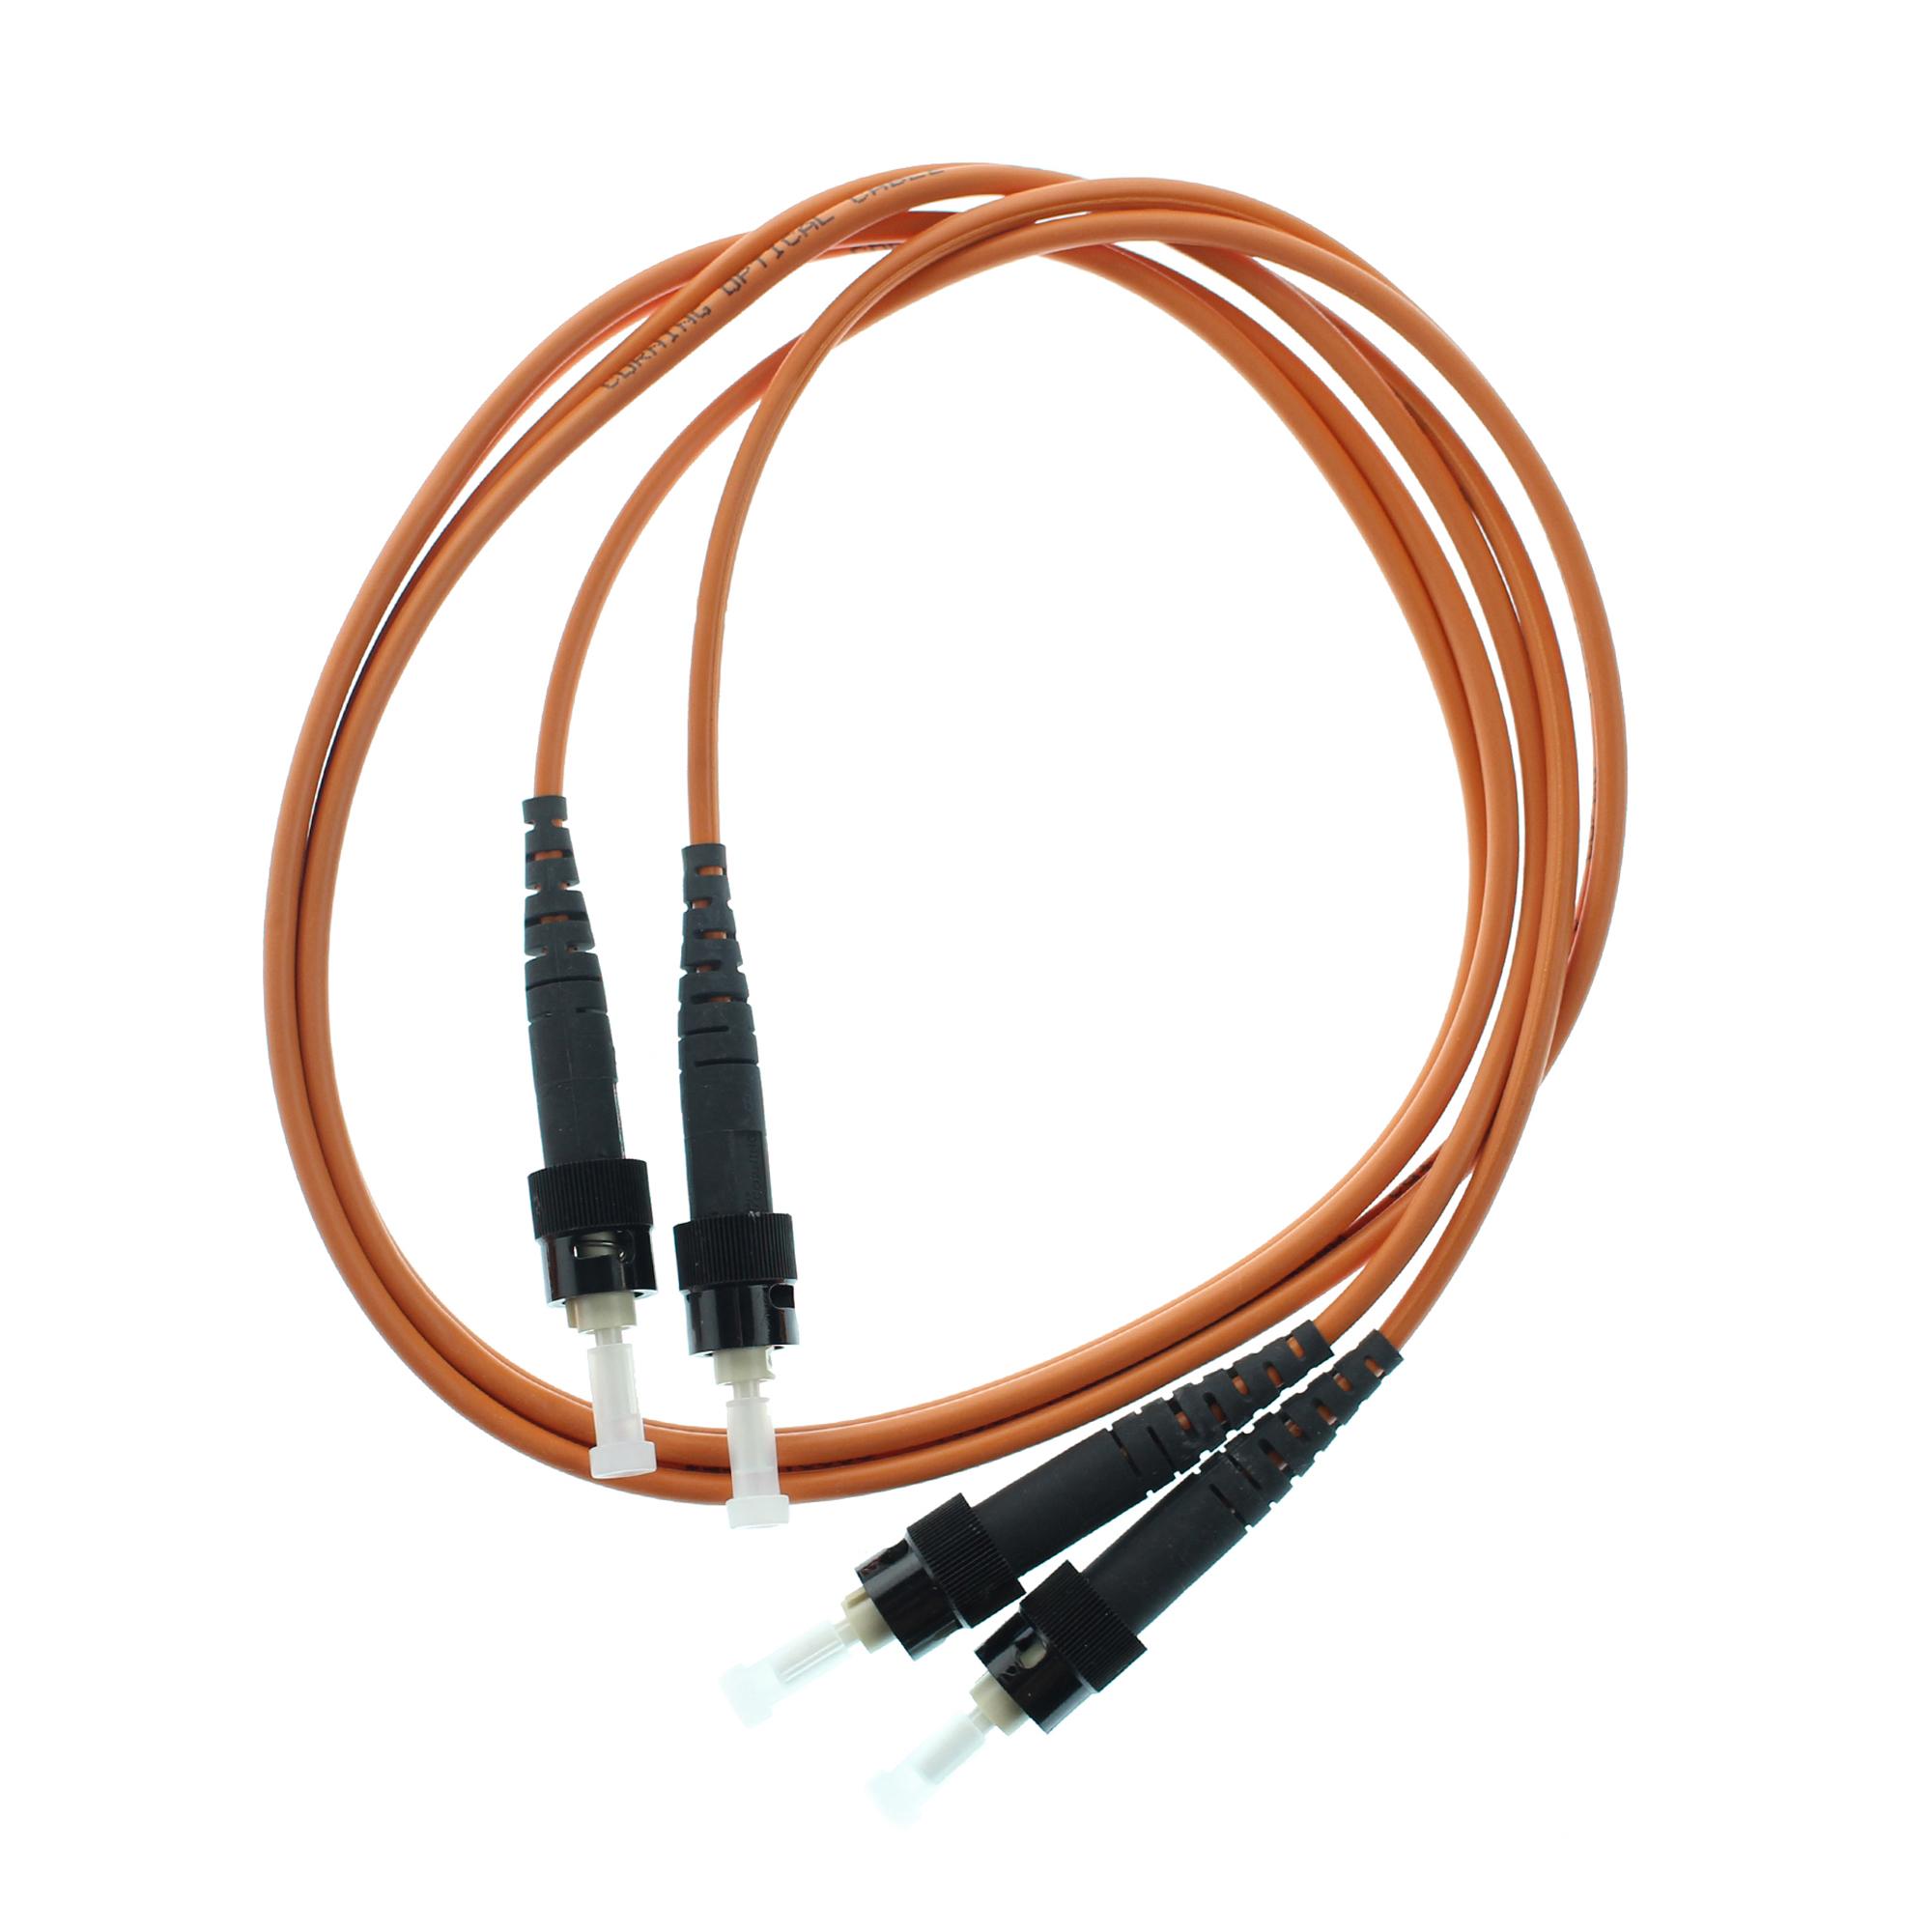 ANIXTER 129350 62.5/125 ST DUPLEX MM FIBER OPTIC PATCH-CABLE, 1 ...